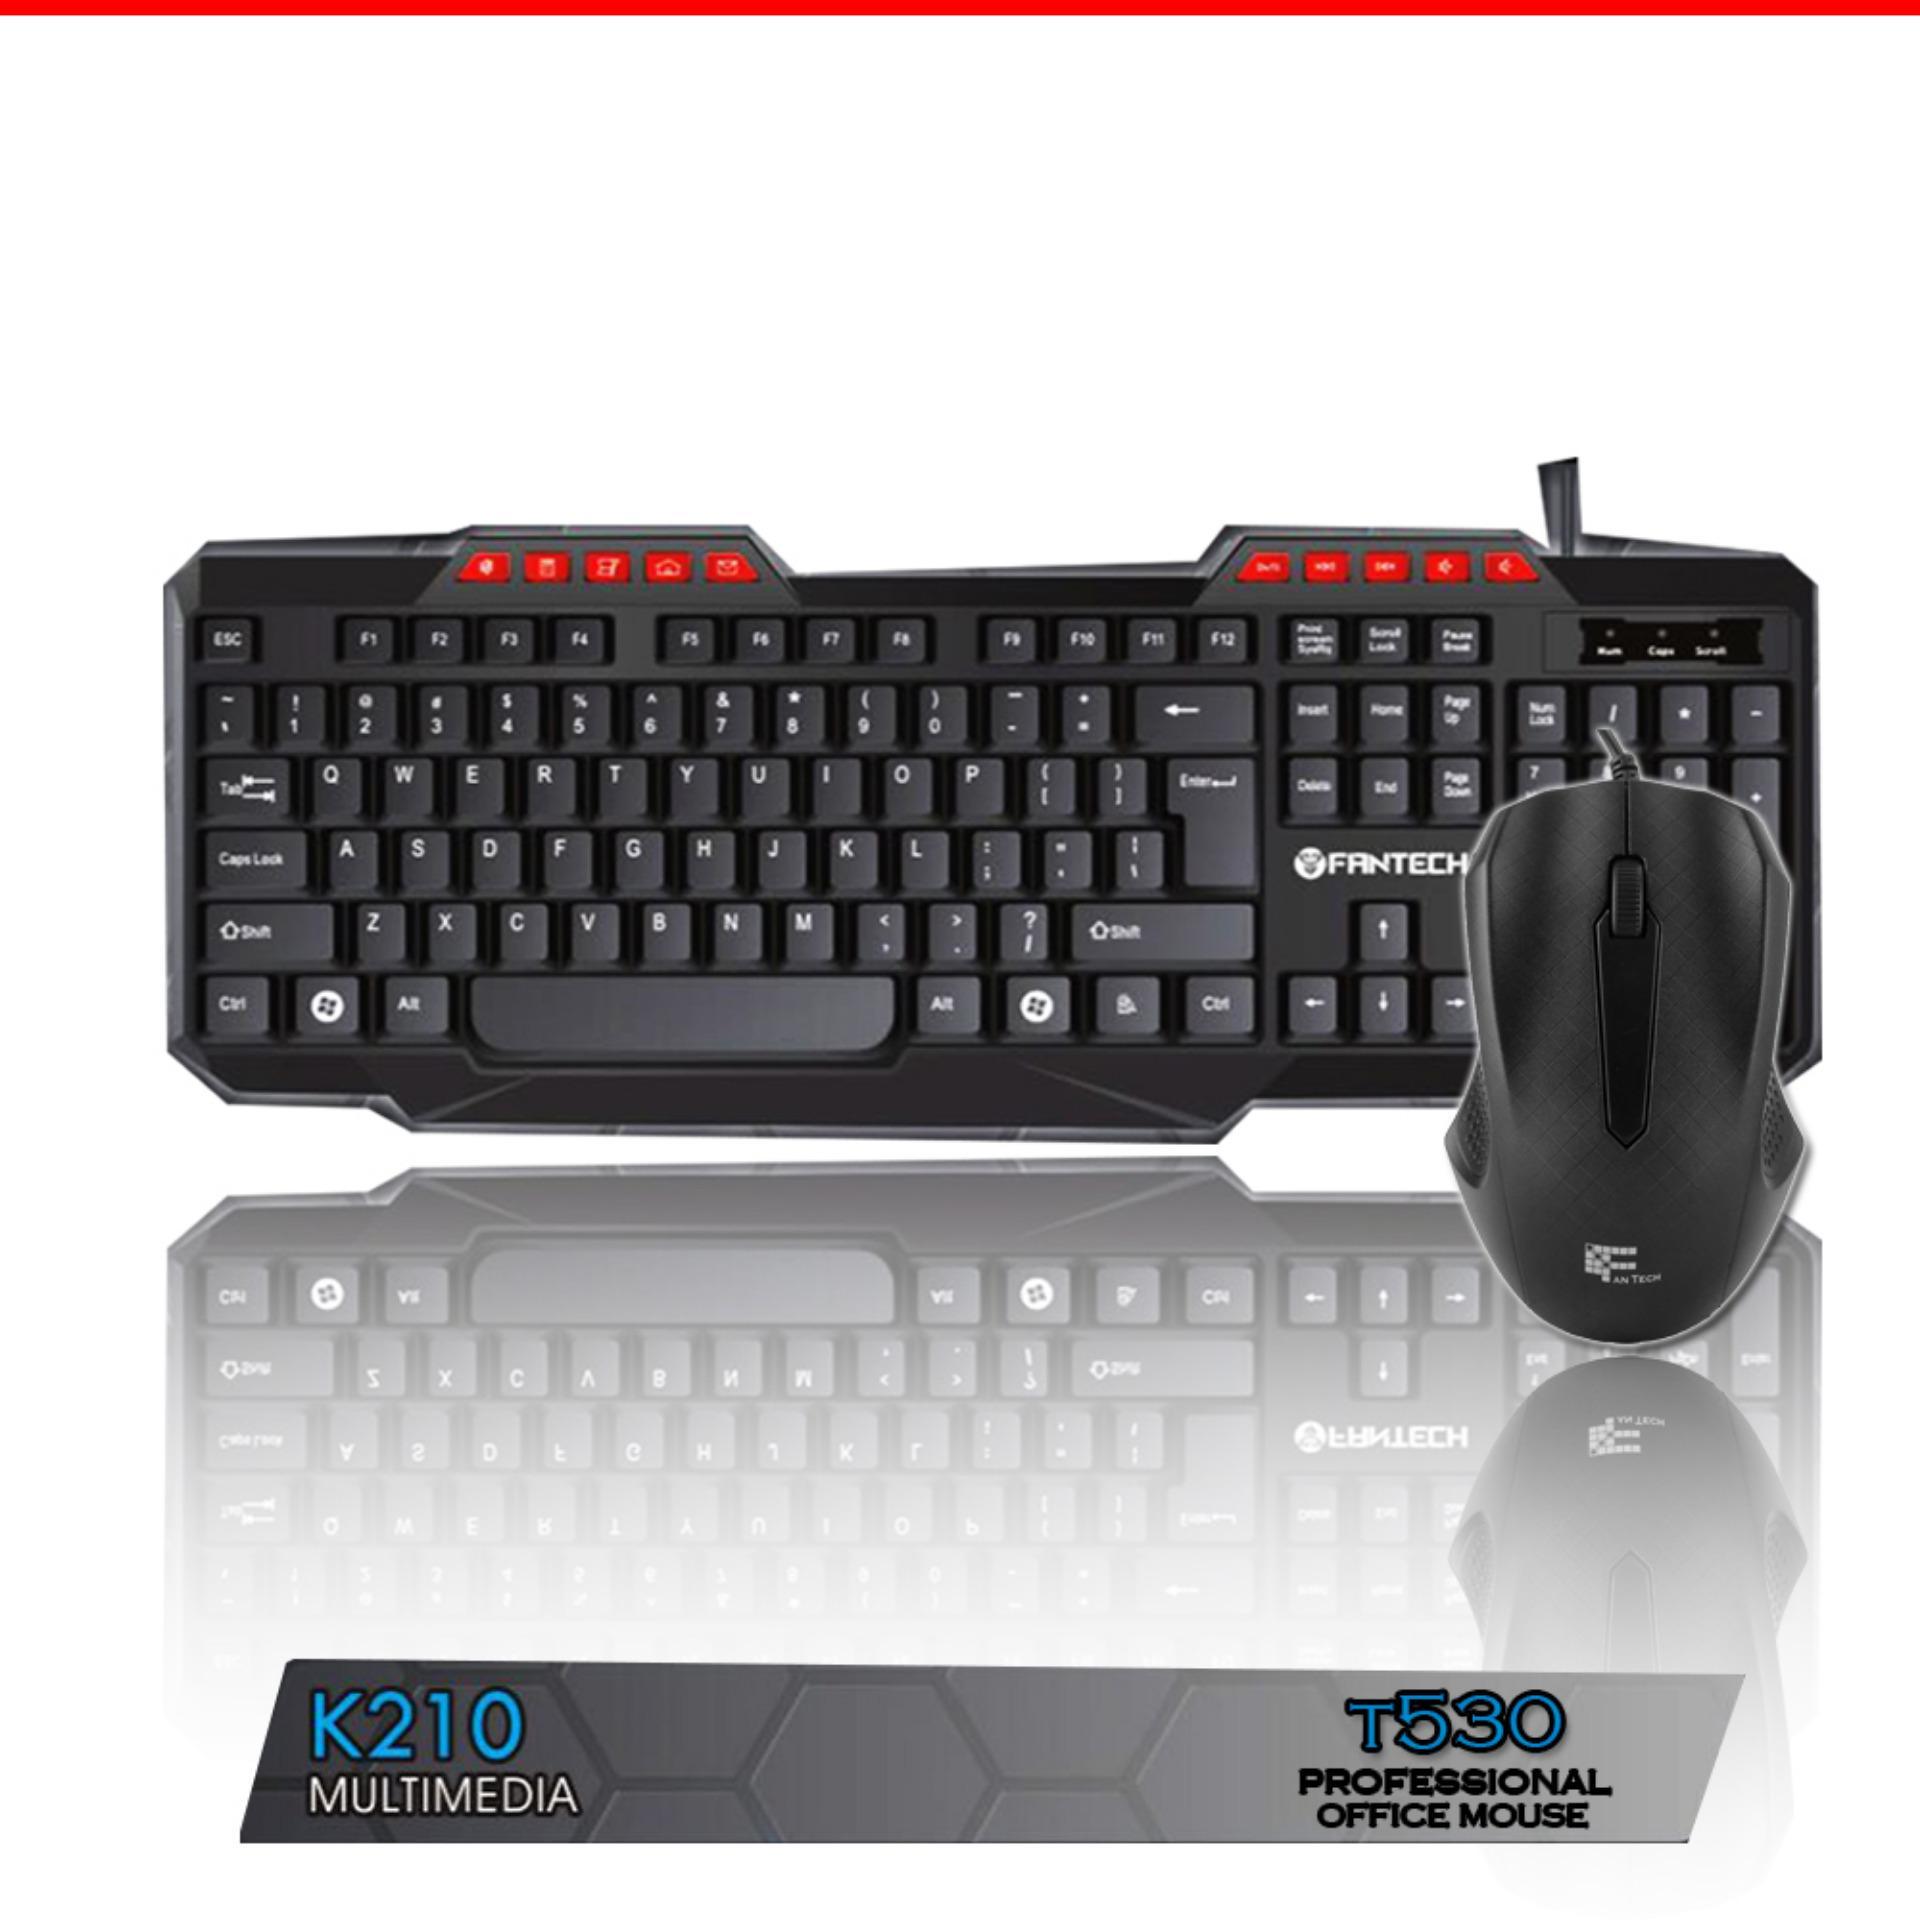 keyboard multimedia K210+ mouse office t530